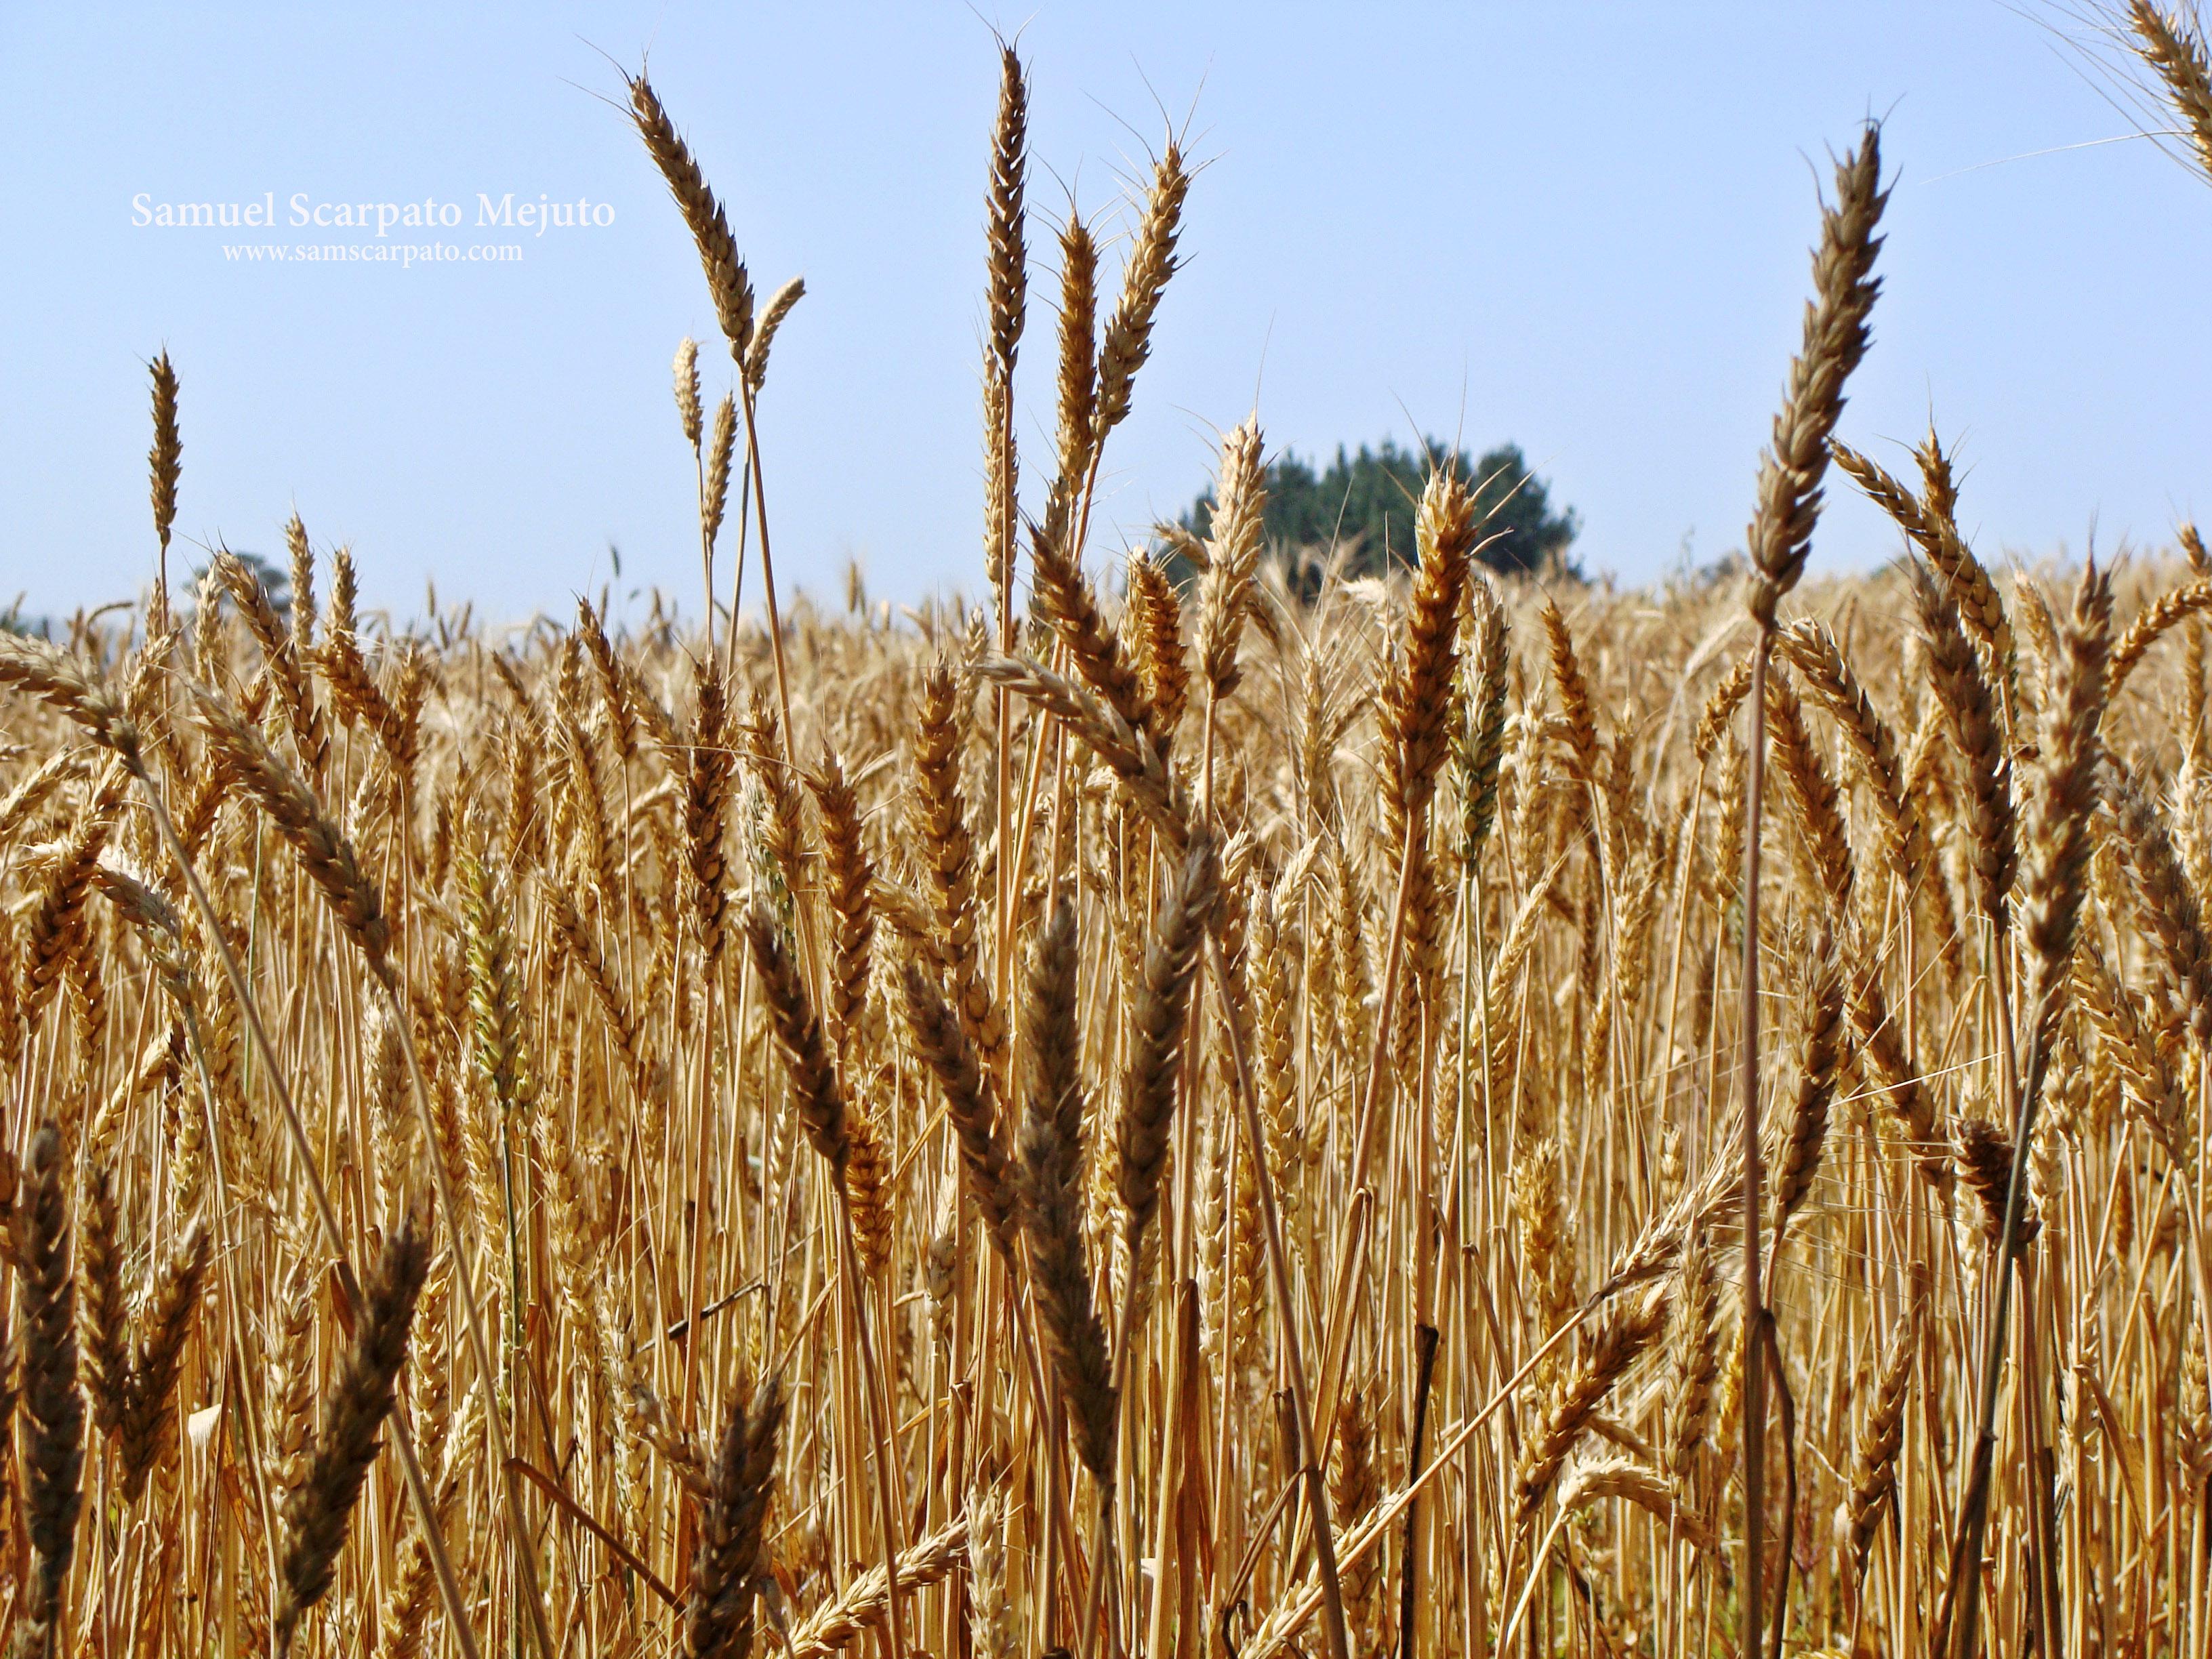 Plantación de trigo en Coipolafquén, de Temuco vía San Ramón, sur de Chile.